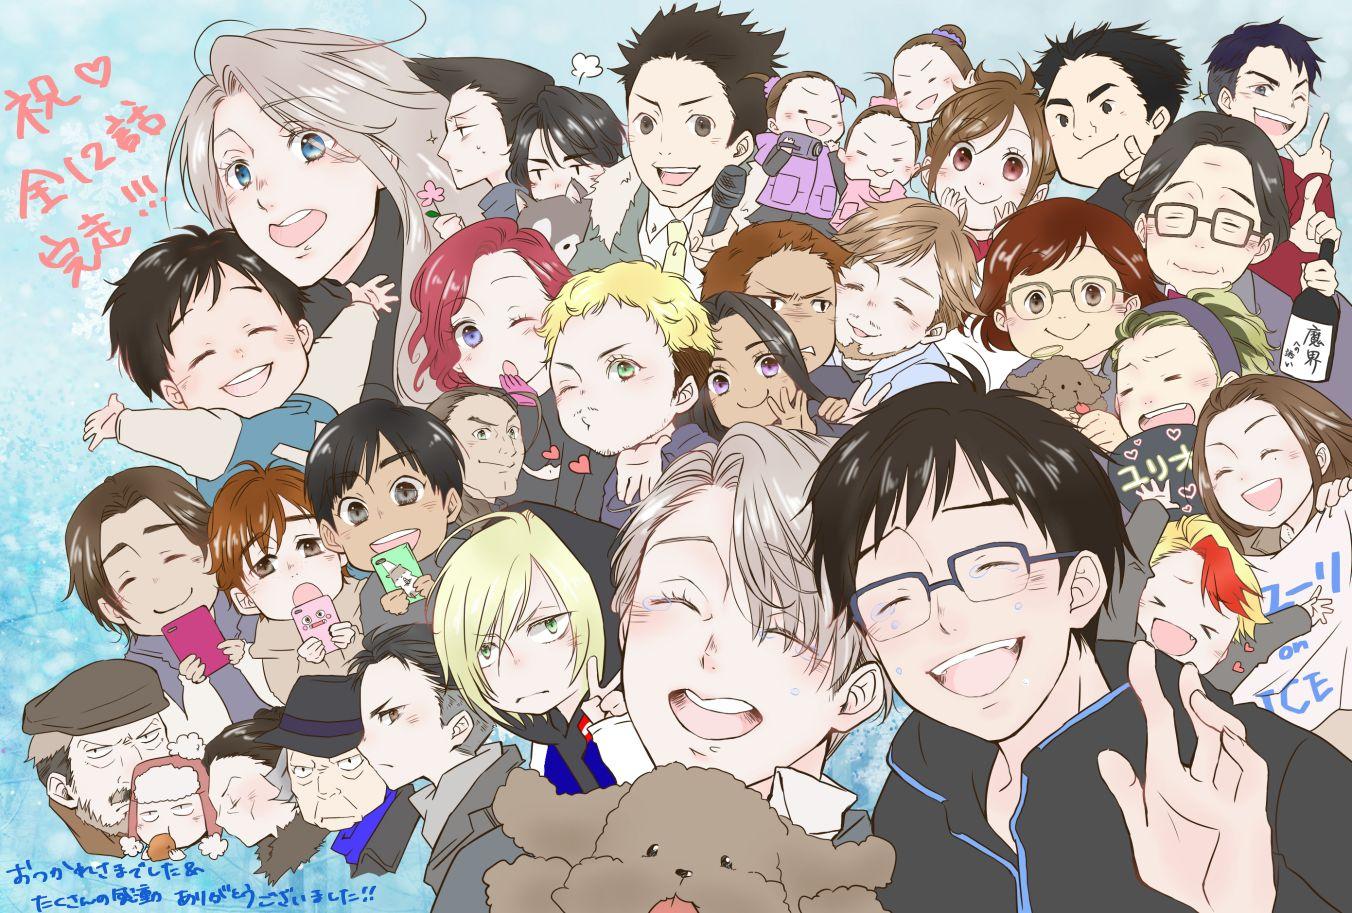 An all-star cast - Yuri!!! On Ice | Anime, Anime love, Yuri on ice